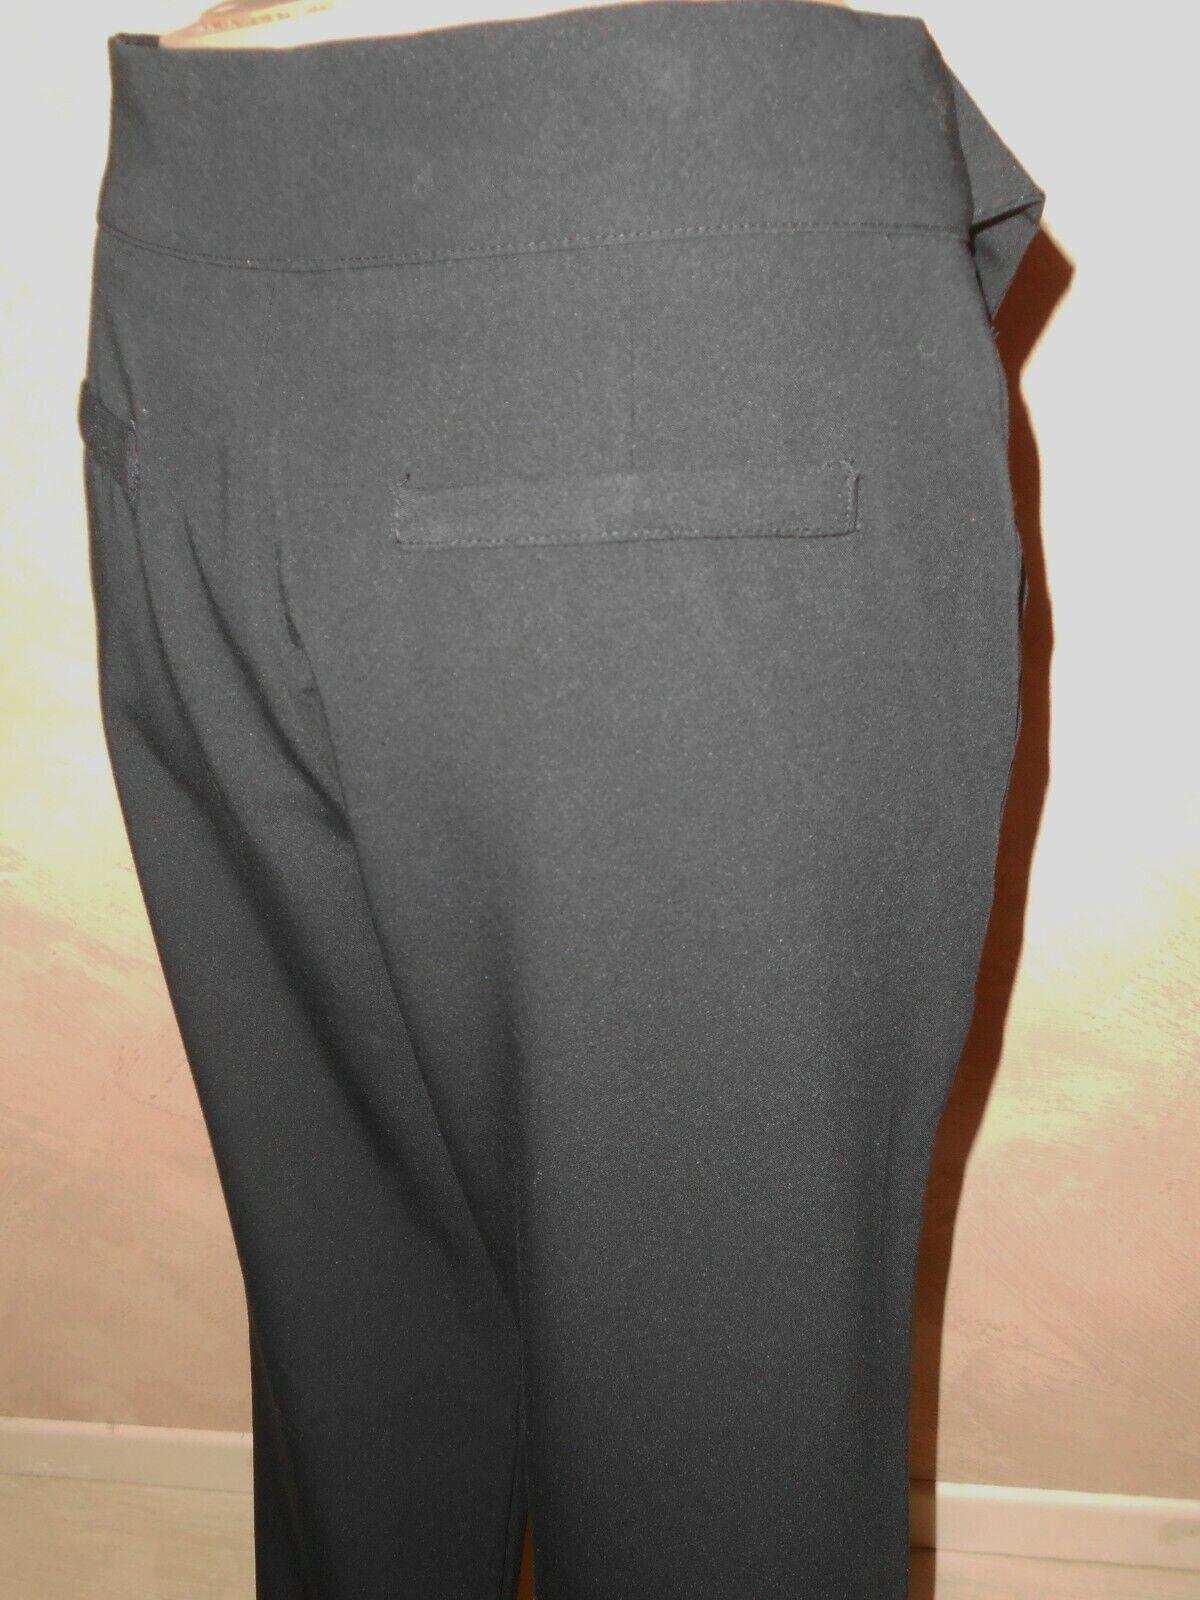 B & k style pantalon noir fluide taille haute   t m 38